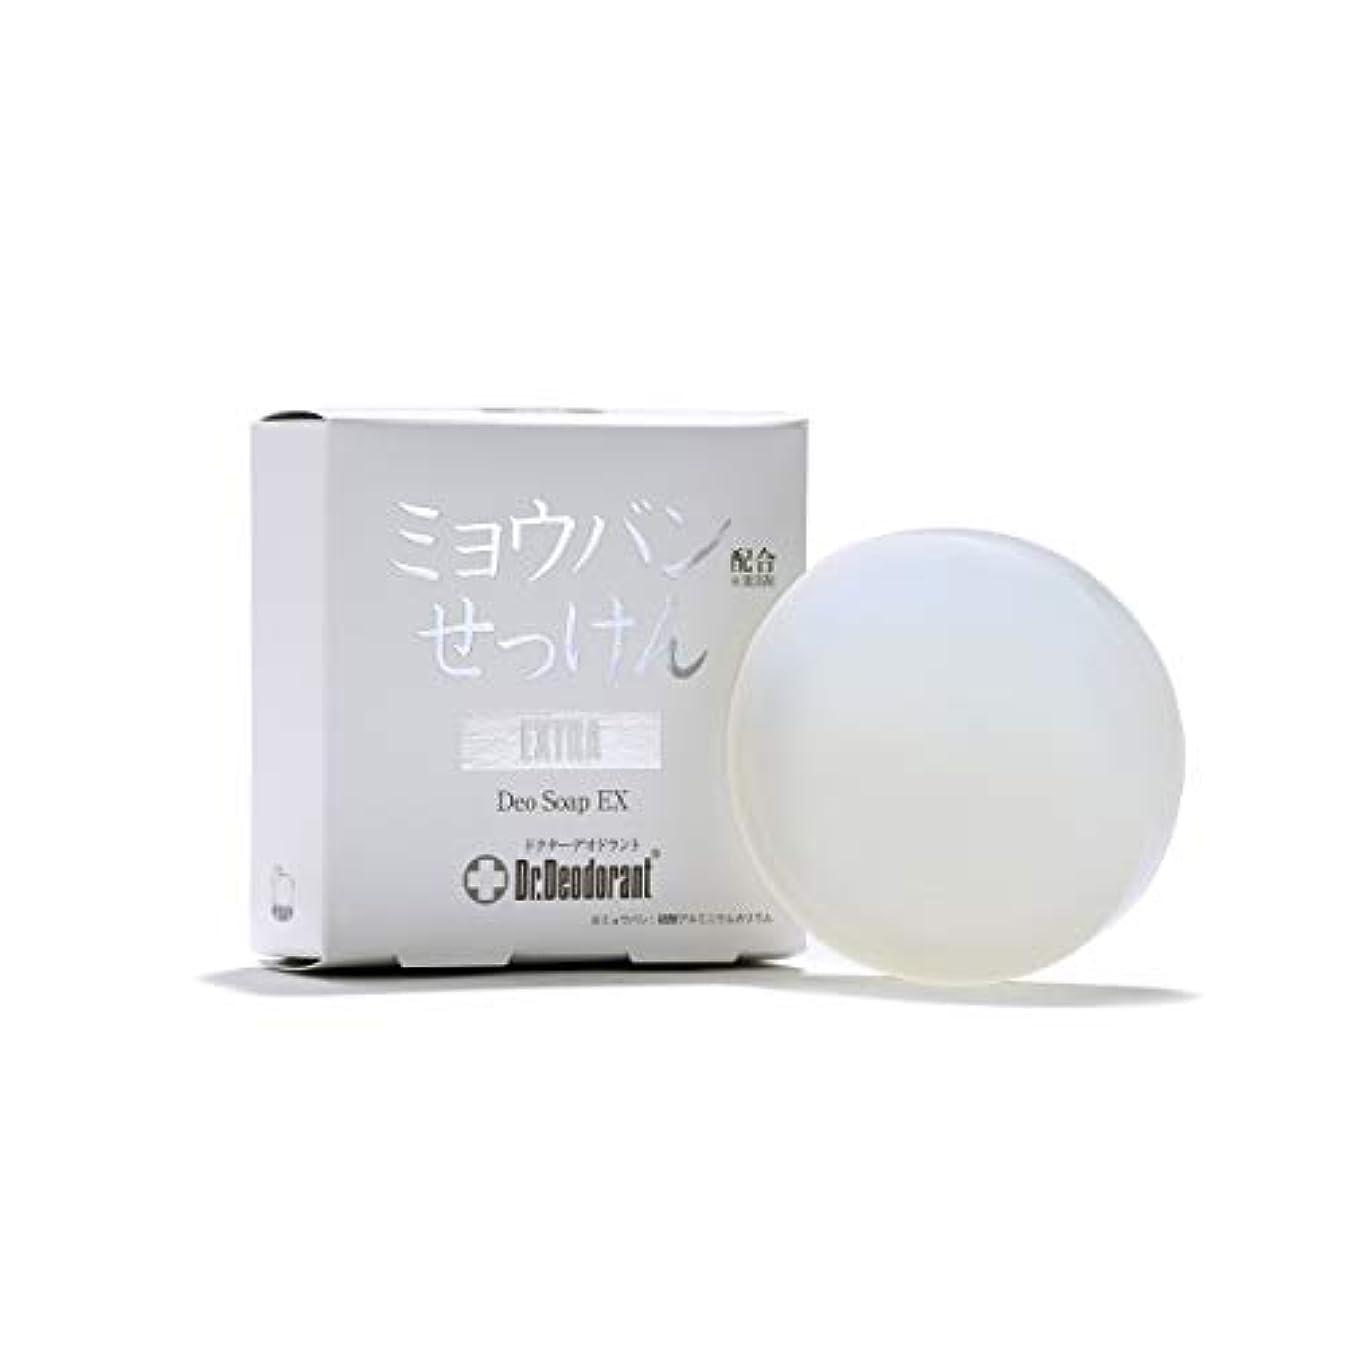 干渉する実験室喉頭ドクターデオドラント 薬用ミョウバンせっけんEX (単品)